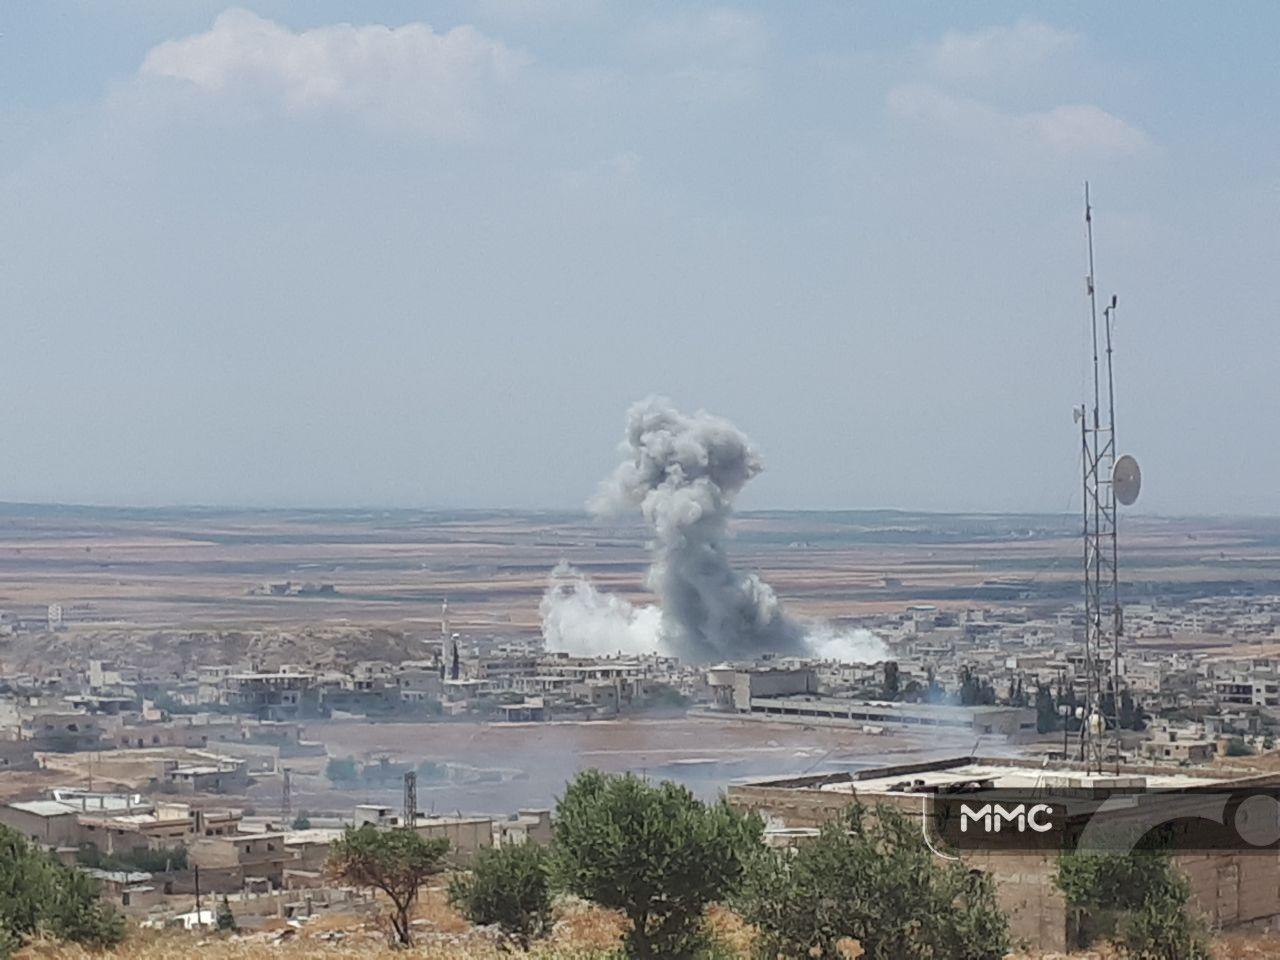 حصاد أخبار الجمعة - طائرات حربية ومروحية تحرق خان شيخون، وكازاخستان تحدد موعد الجولة القادمة من مباحثات أستانة -(19-7-2019)